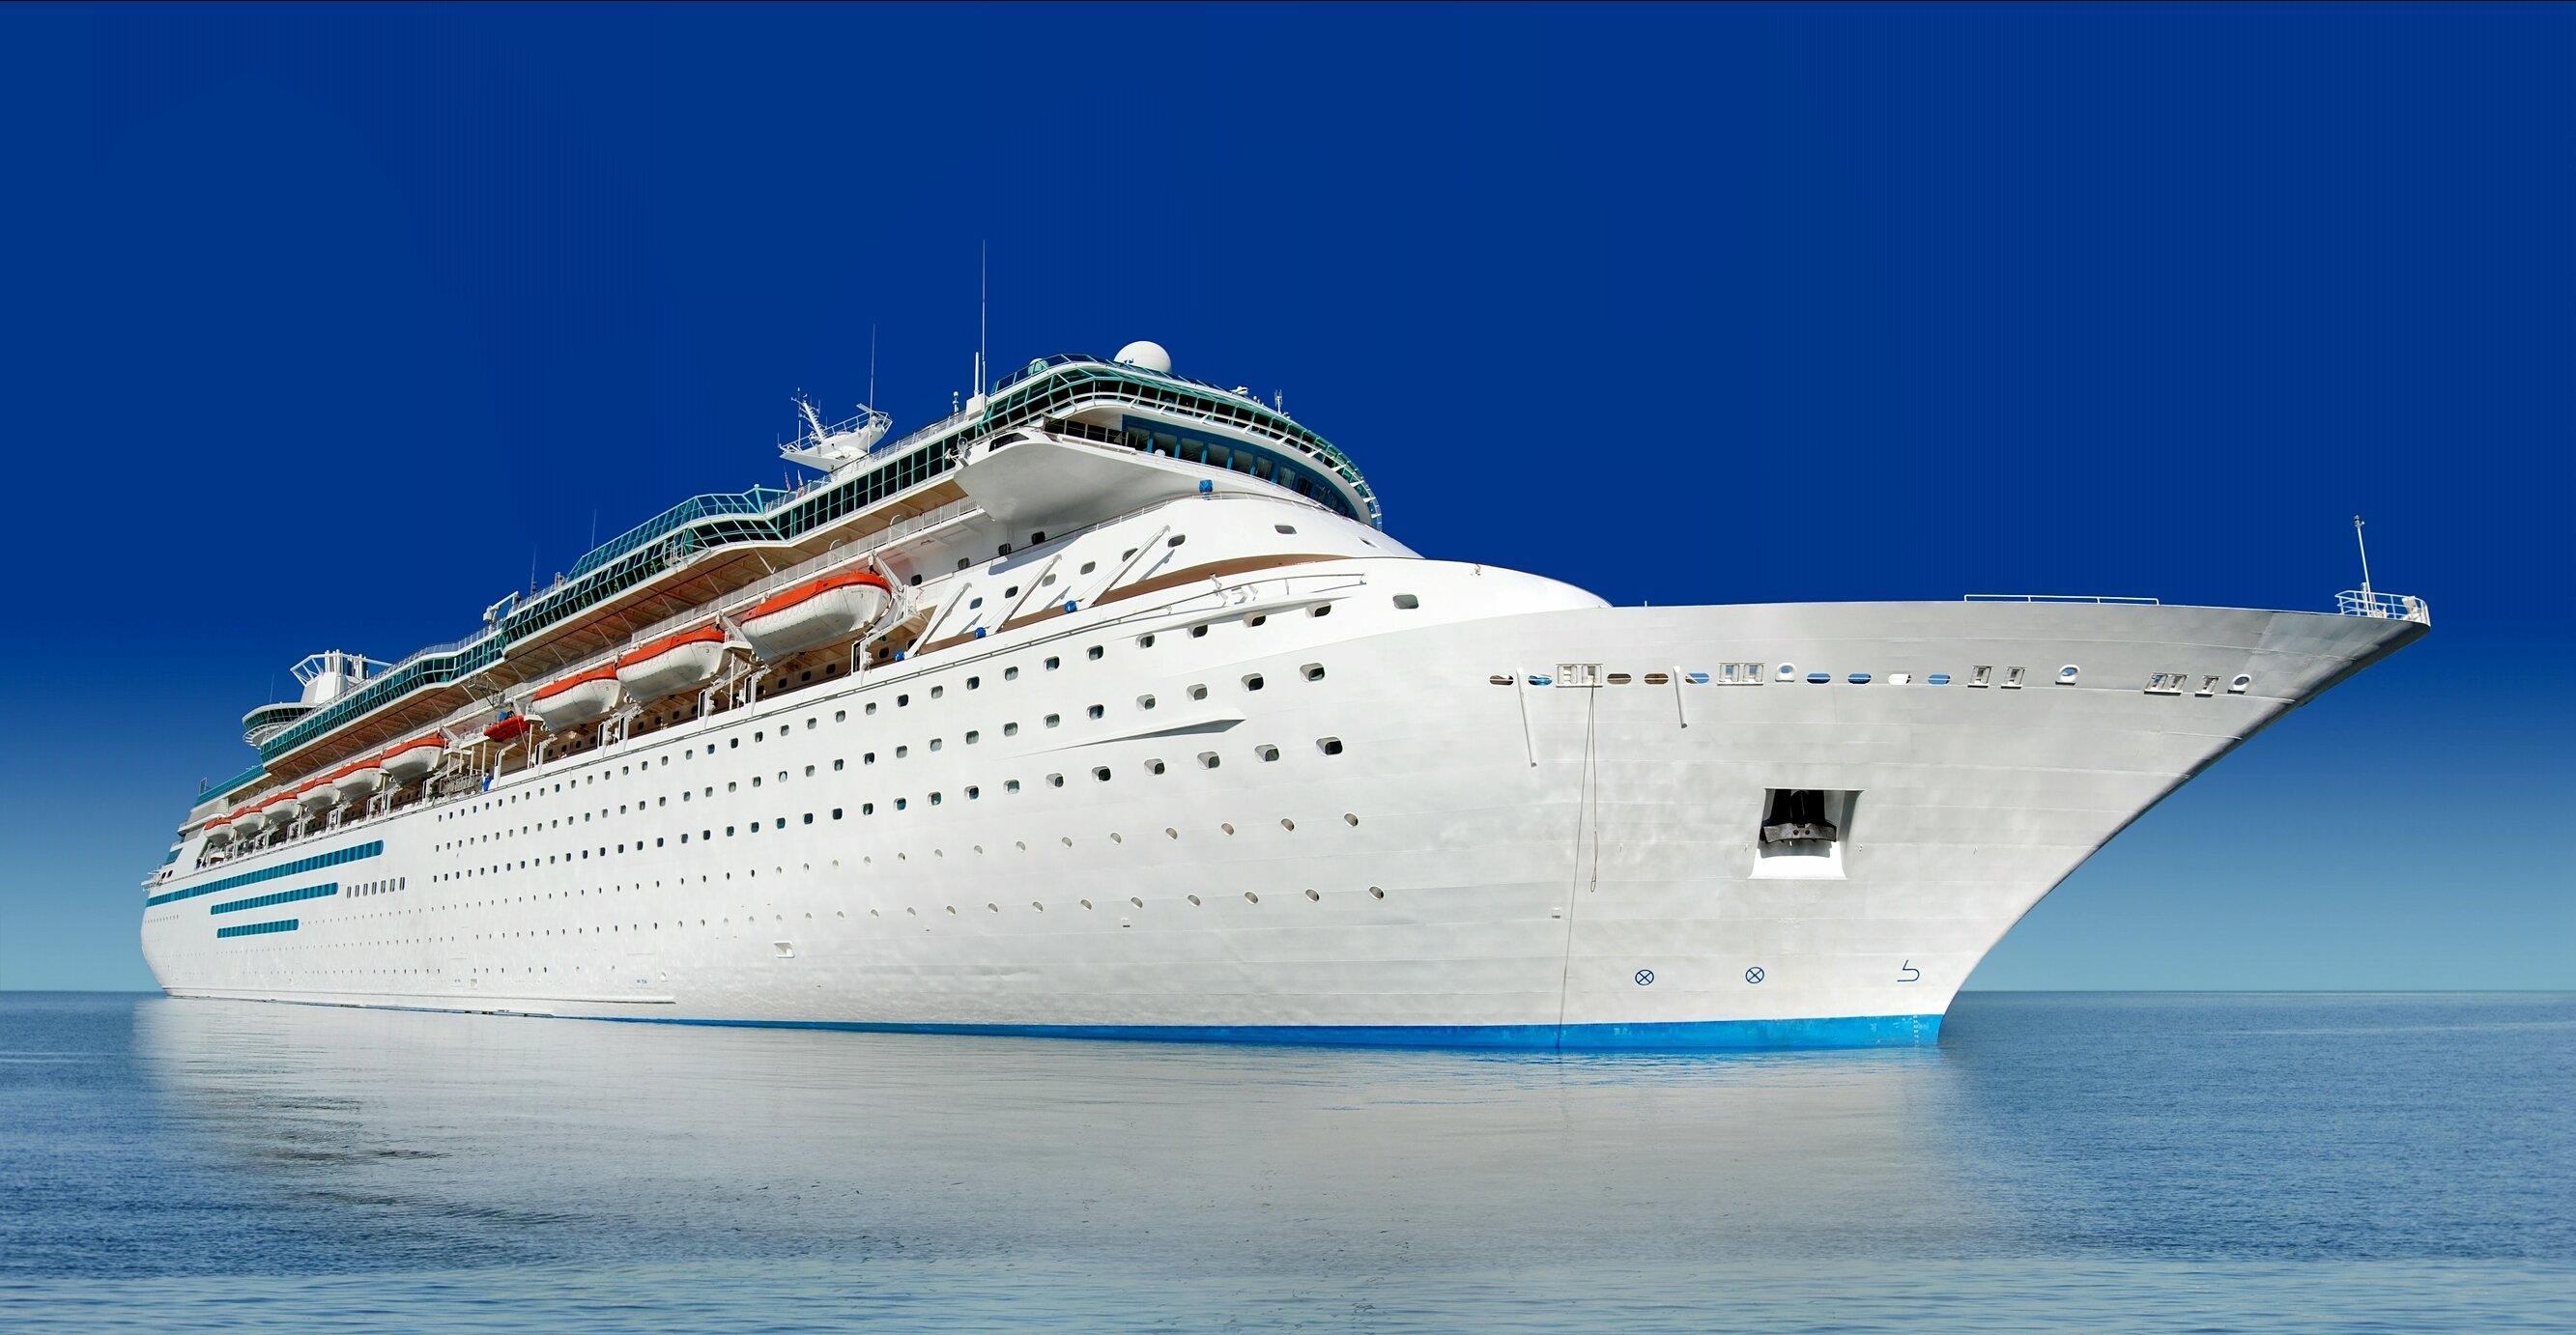 Круизные лайнеры временно не будут заходить в порты Турции